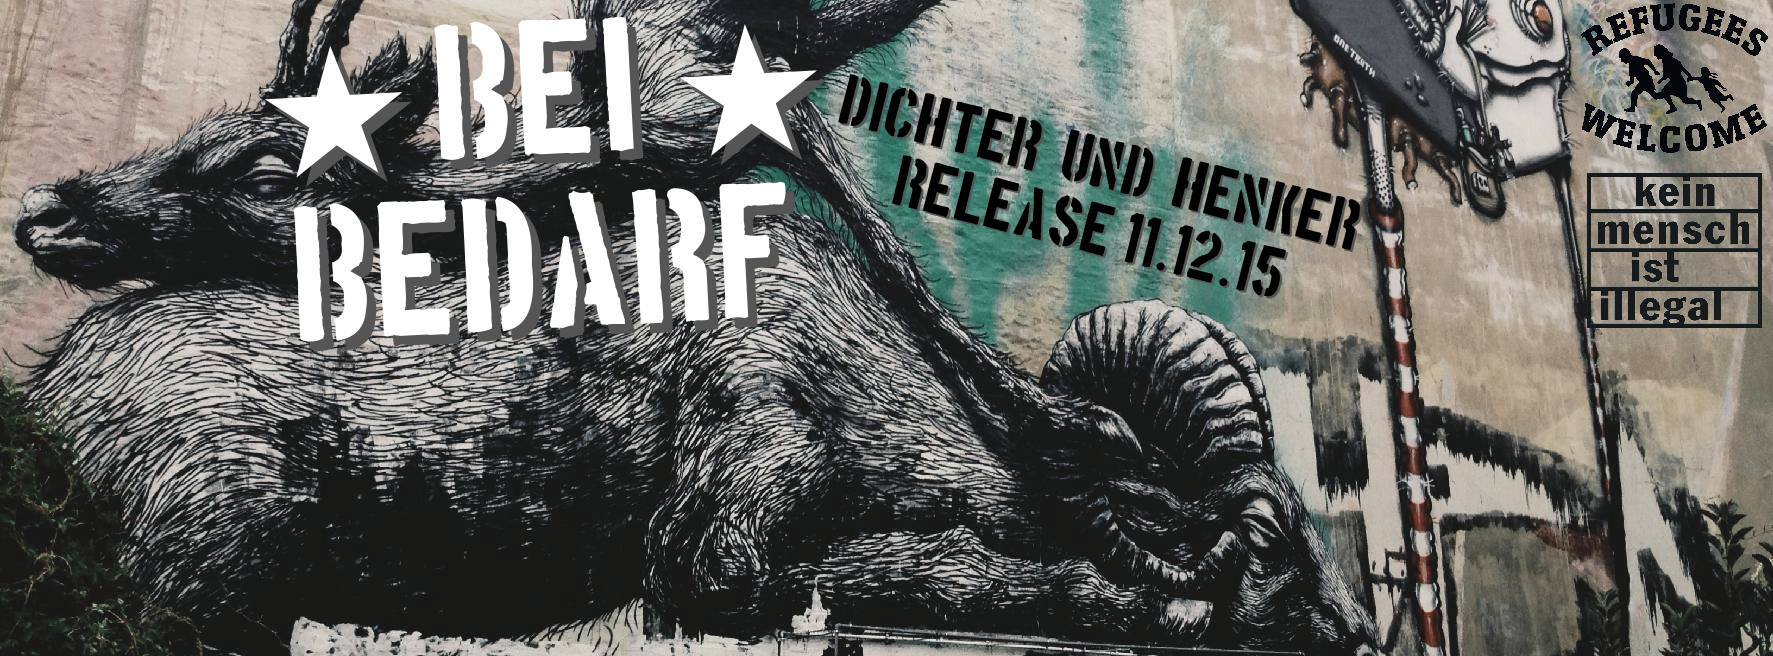 shitlers, die + bei bedarf @menschenzoo, hamburg, 20160305